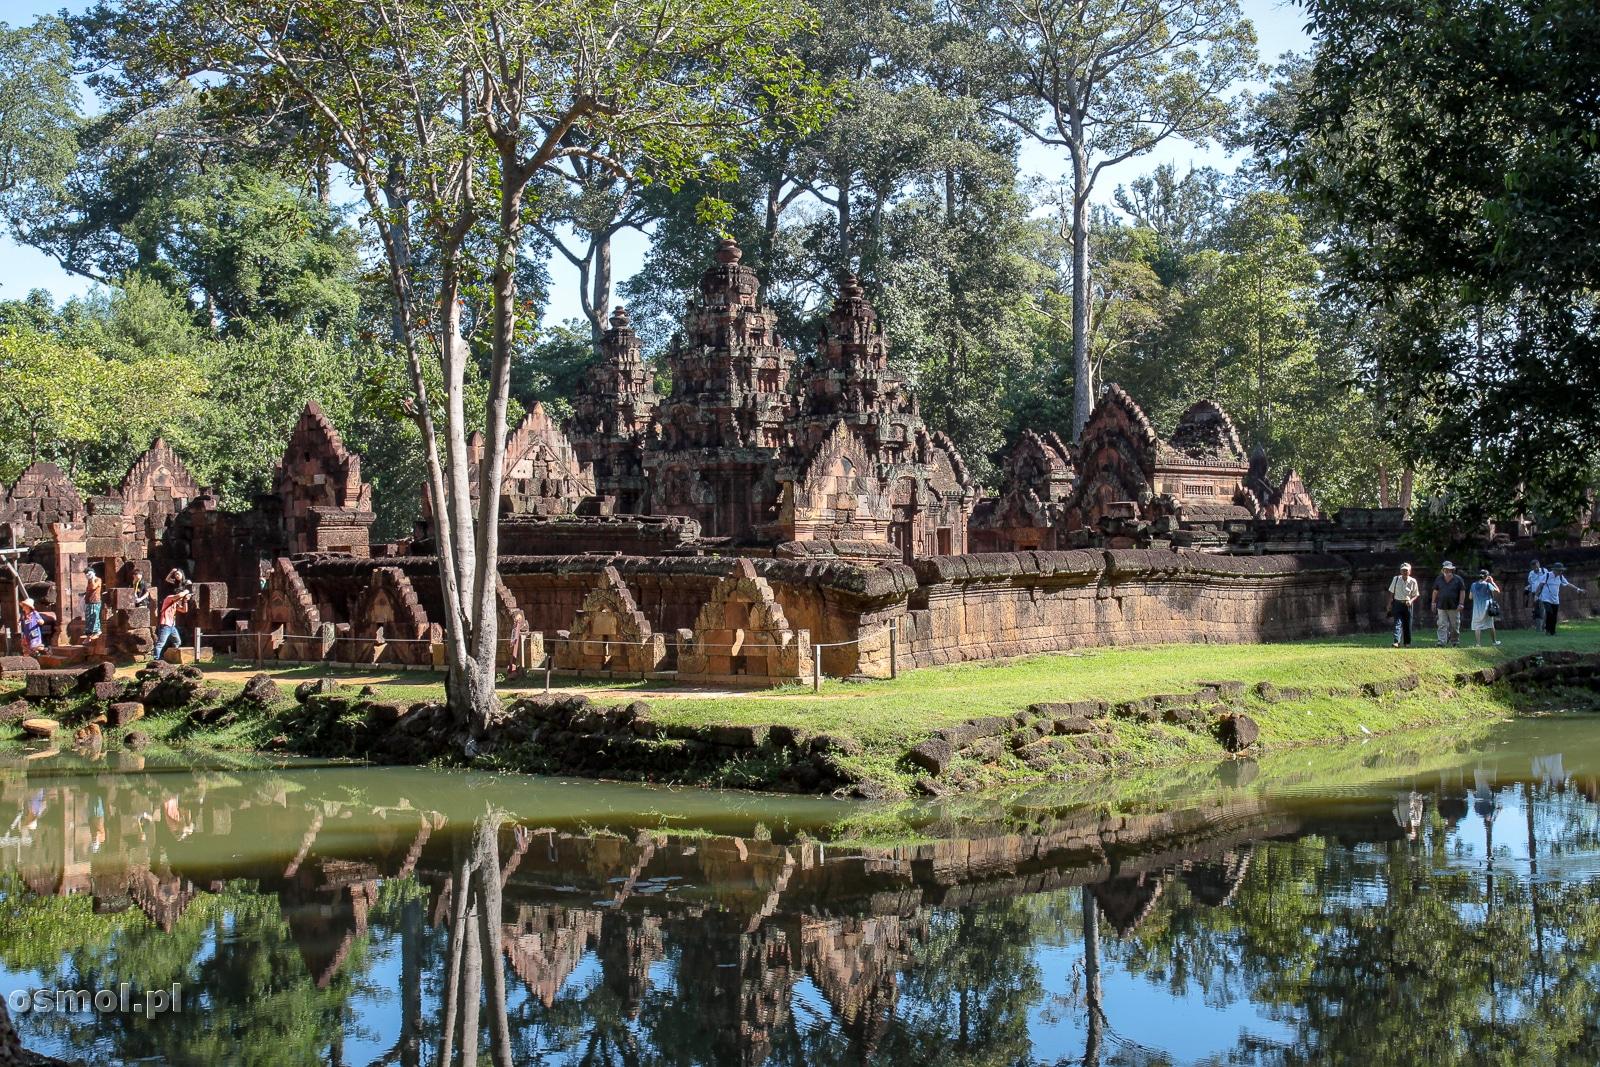 Na tyłach świątyni Banteay Srei . Tu nie ma tłumów turystów, ale też widok nie jest tak zjawiskowy